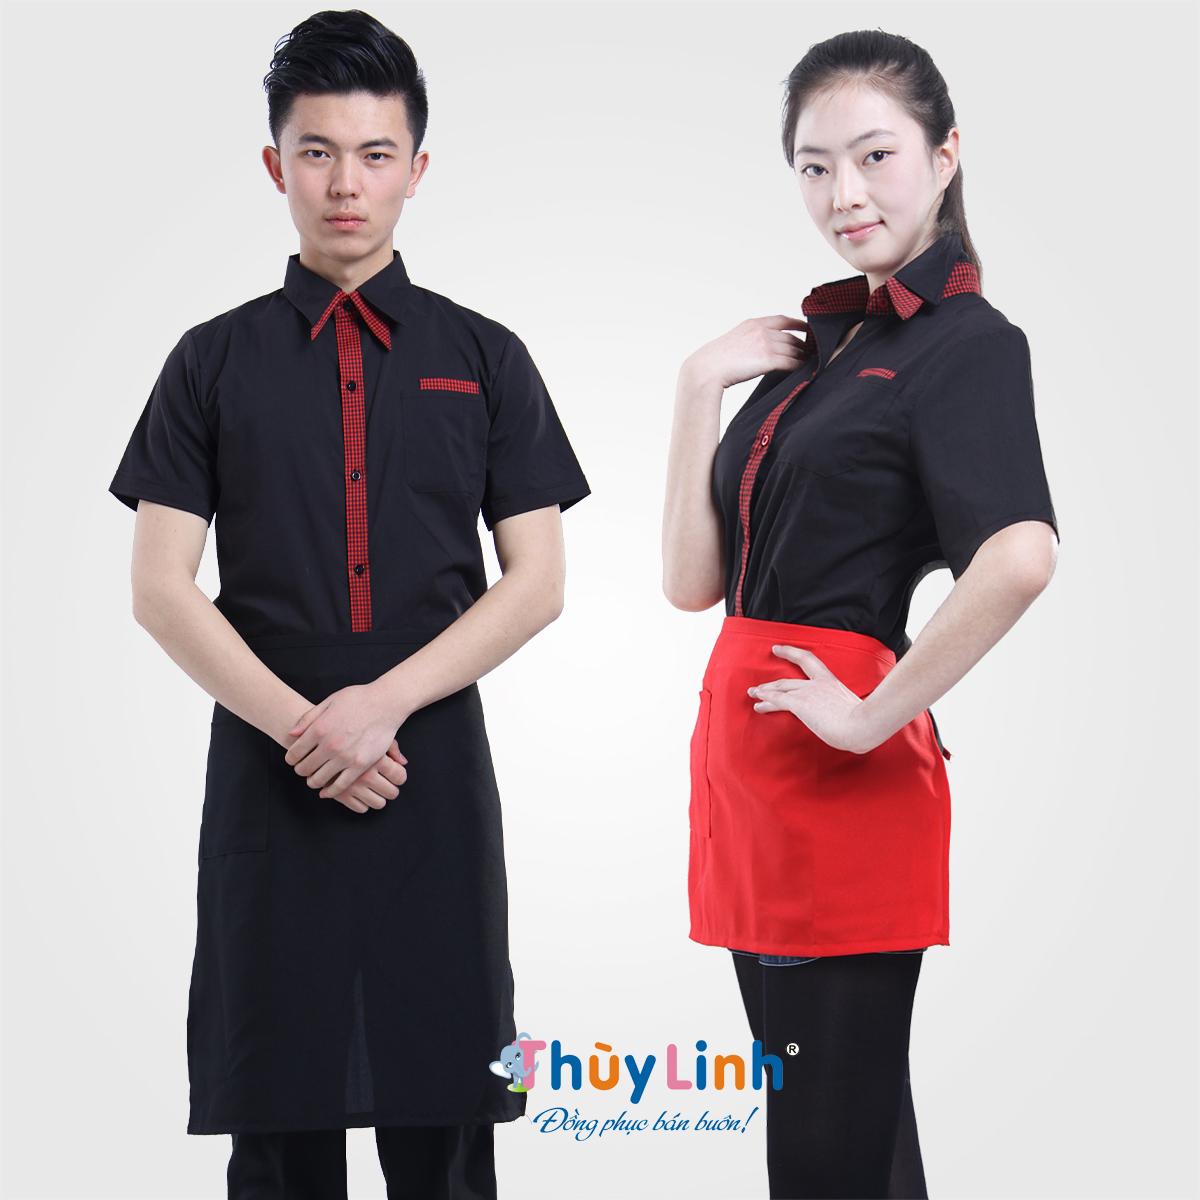 Đồng phục nhân viên quán cafe - Xây dựng sự chuyên nghiệp